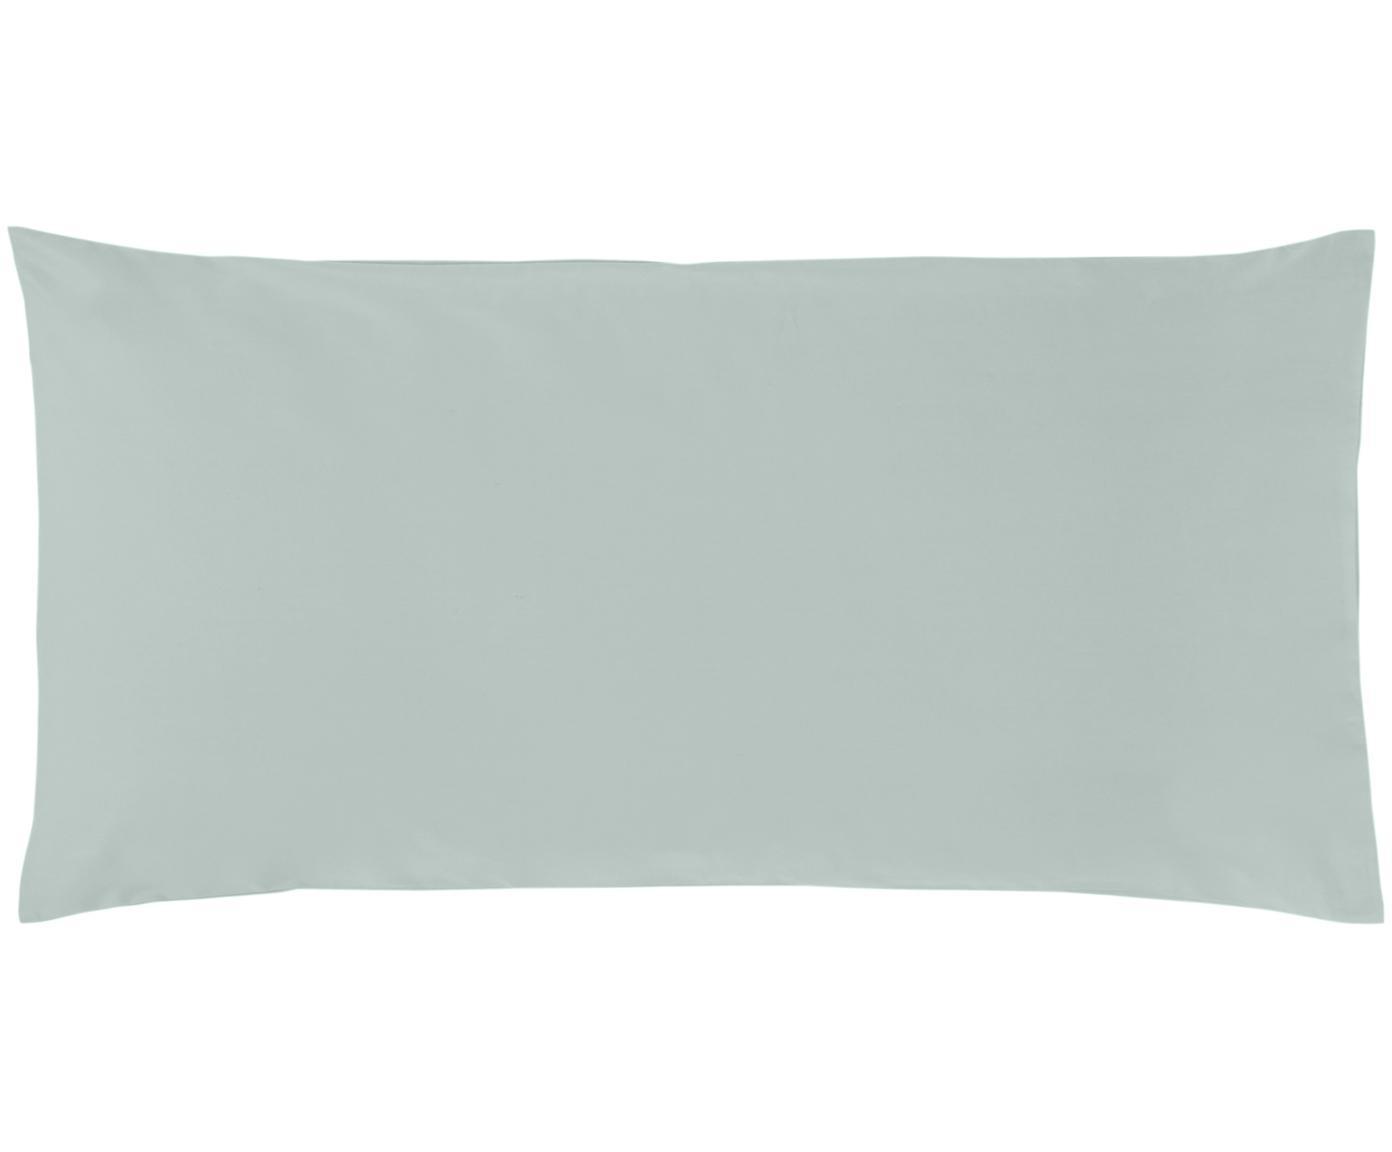 Poszewka na poduszkę z perkalu Elsie, 2 szt., Szałwiowy zielony, S 40 x D 80 cm